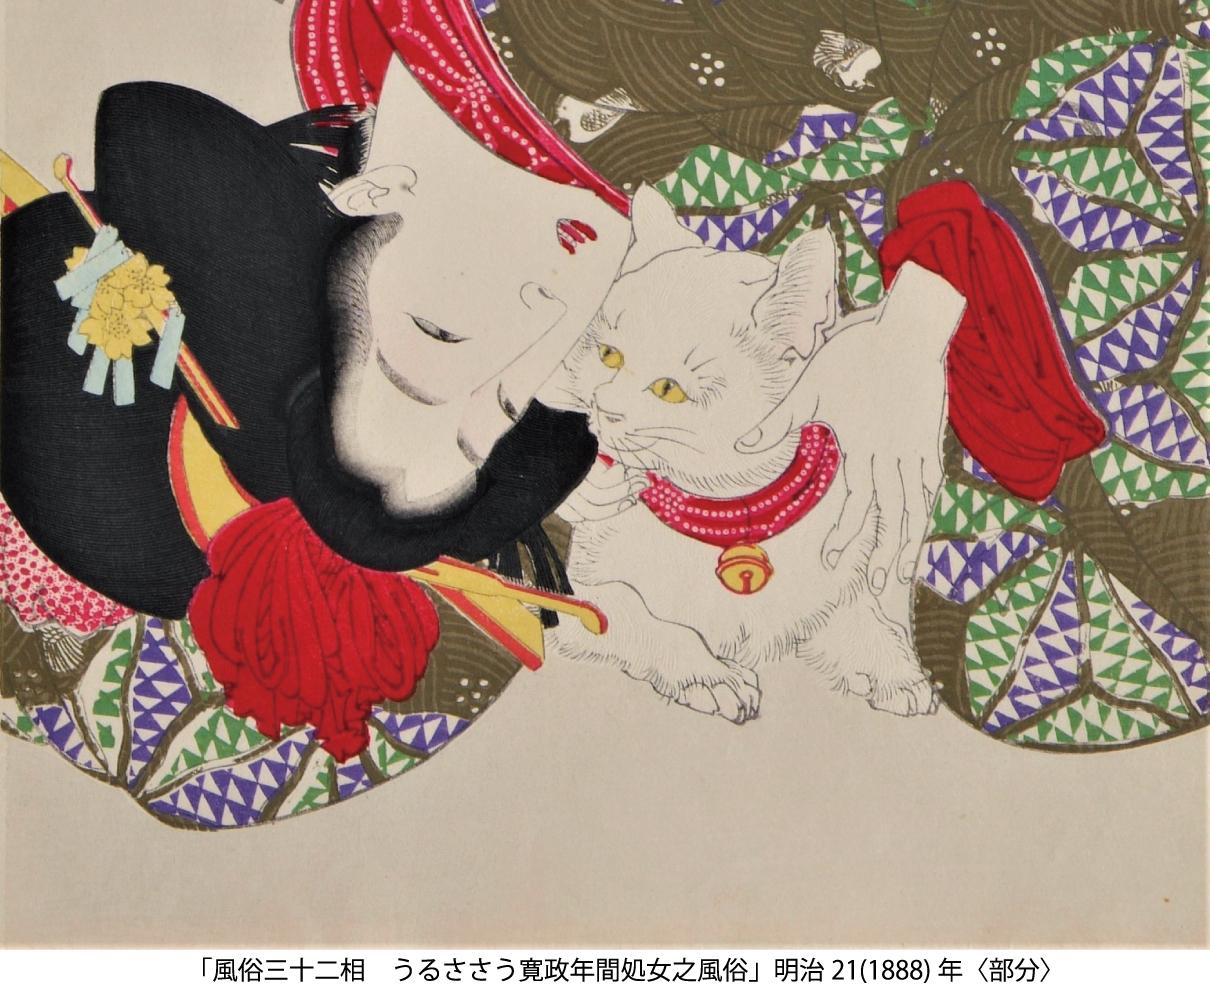 【プレゼントあり】奇想も可憐も血みどろも描く!最後の浮世絵師 月岡芳年展